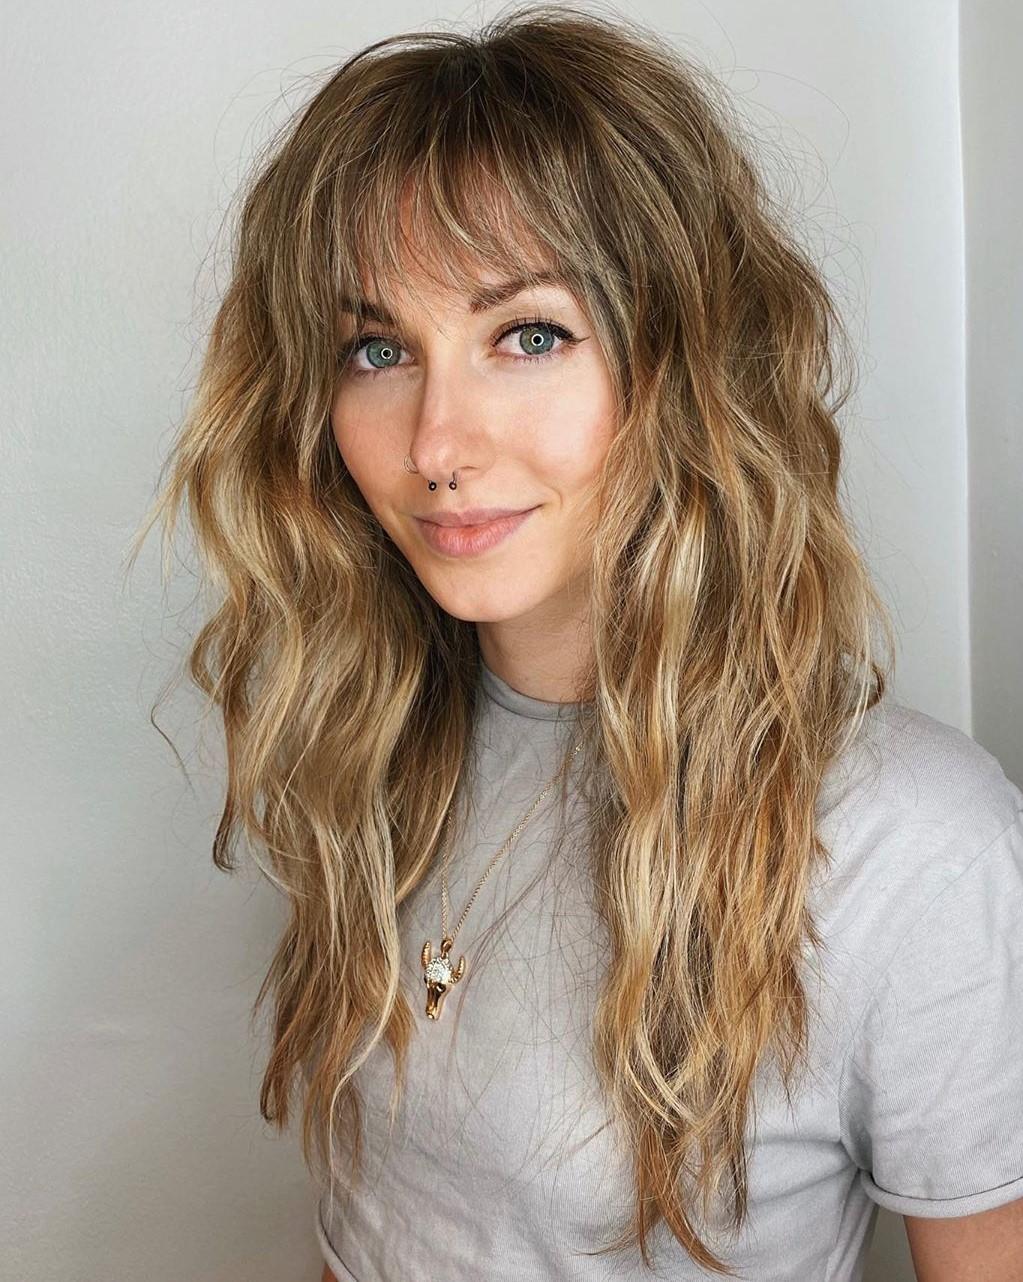 Medium Blonde Hair with Shaggy Bangs